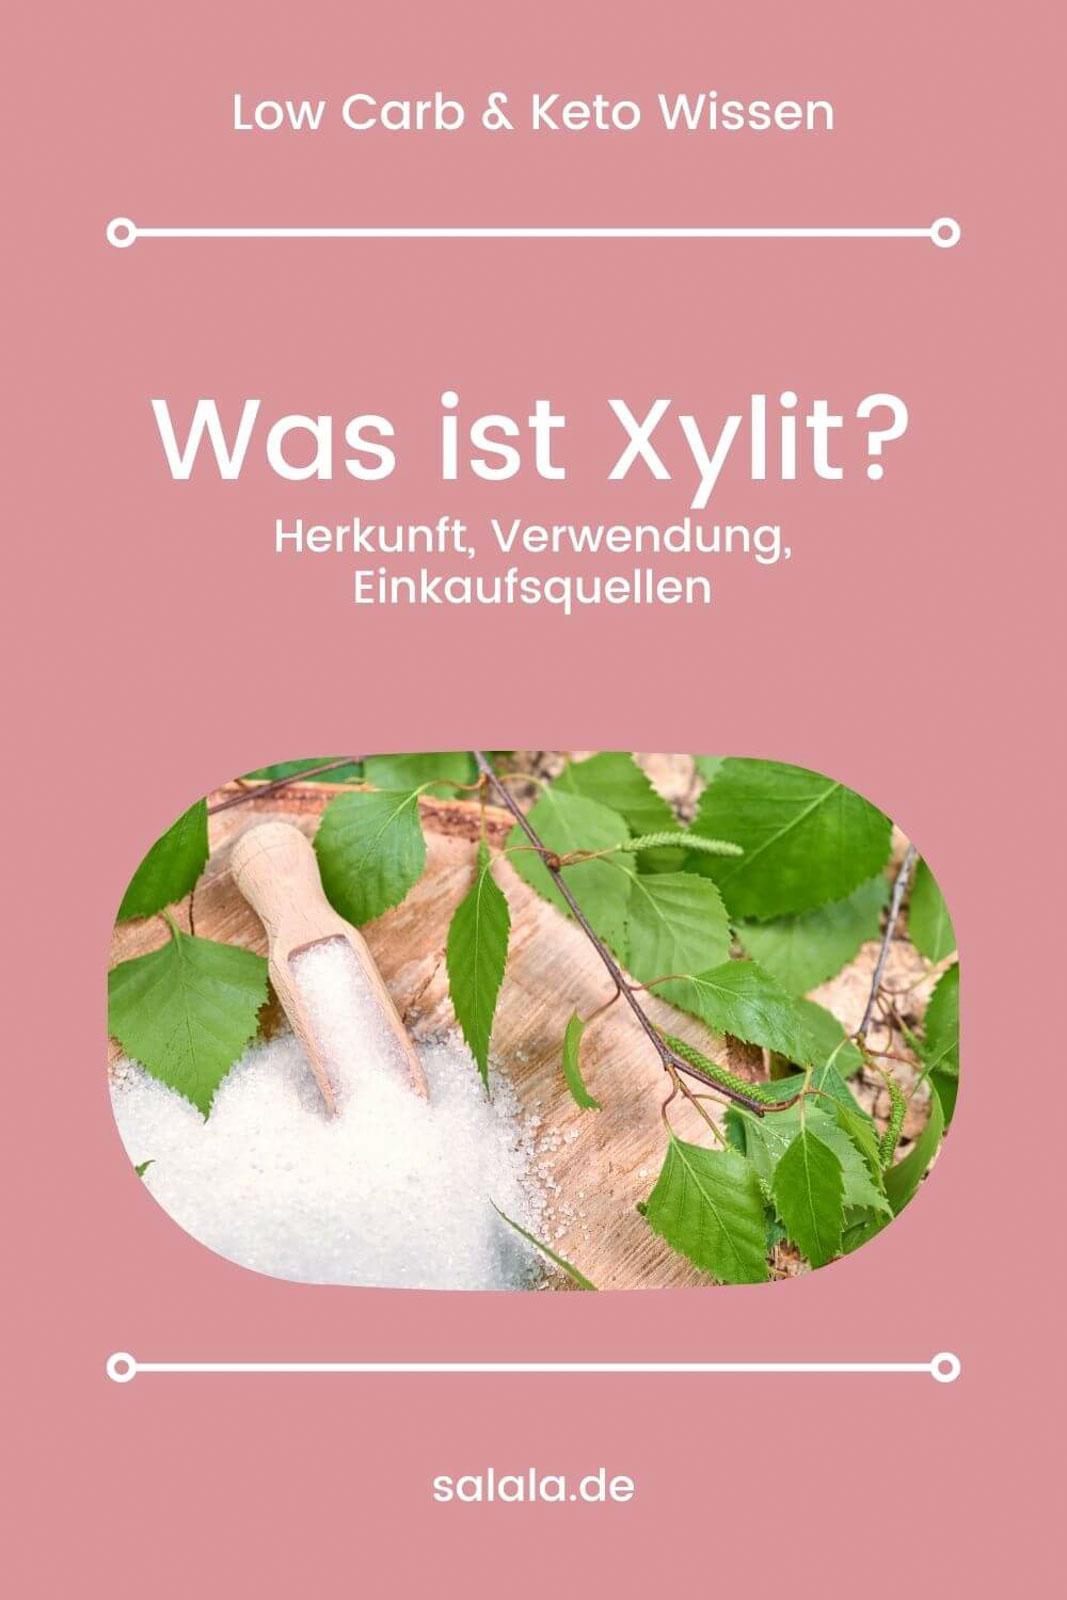 Was ist Xylit - Herkunft Verwendung Einkausquellen